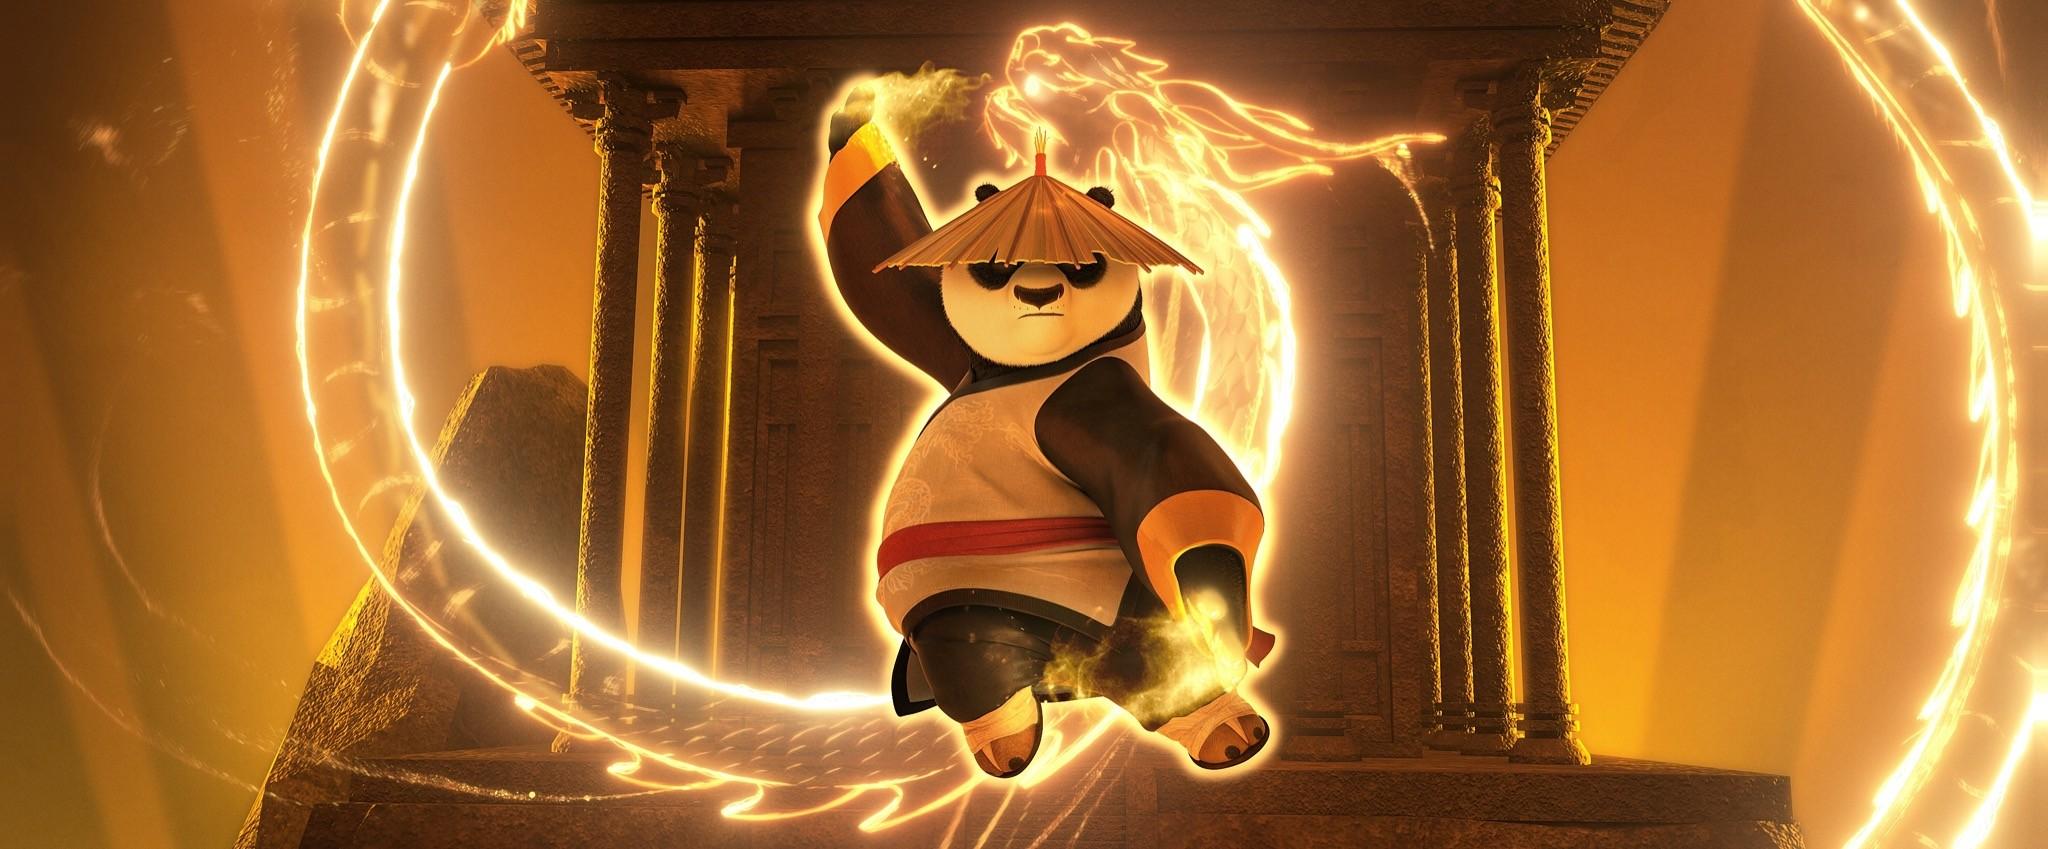 Kung Fu Panda 3-image-6